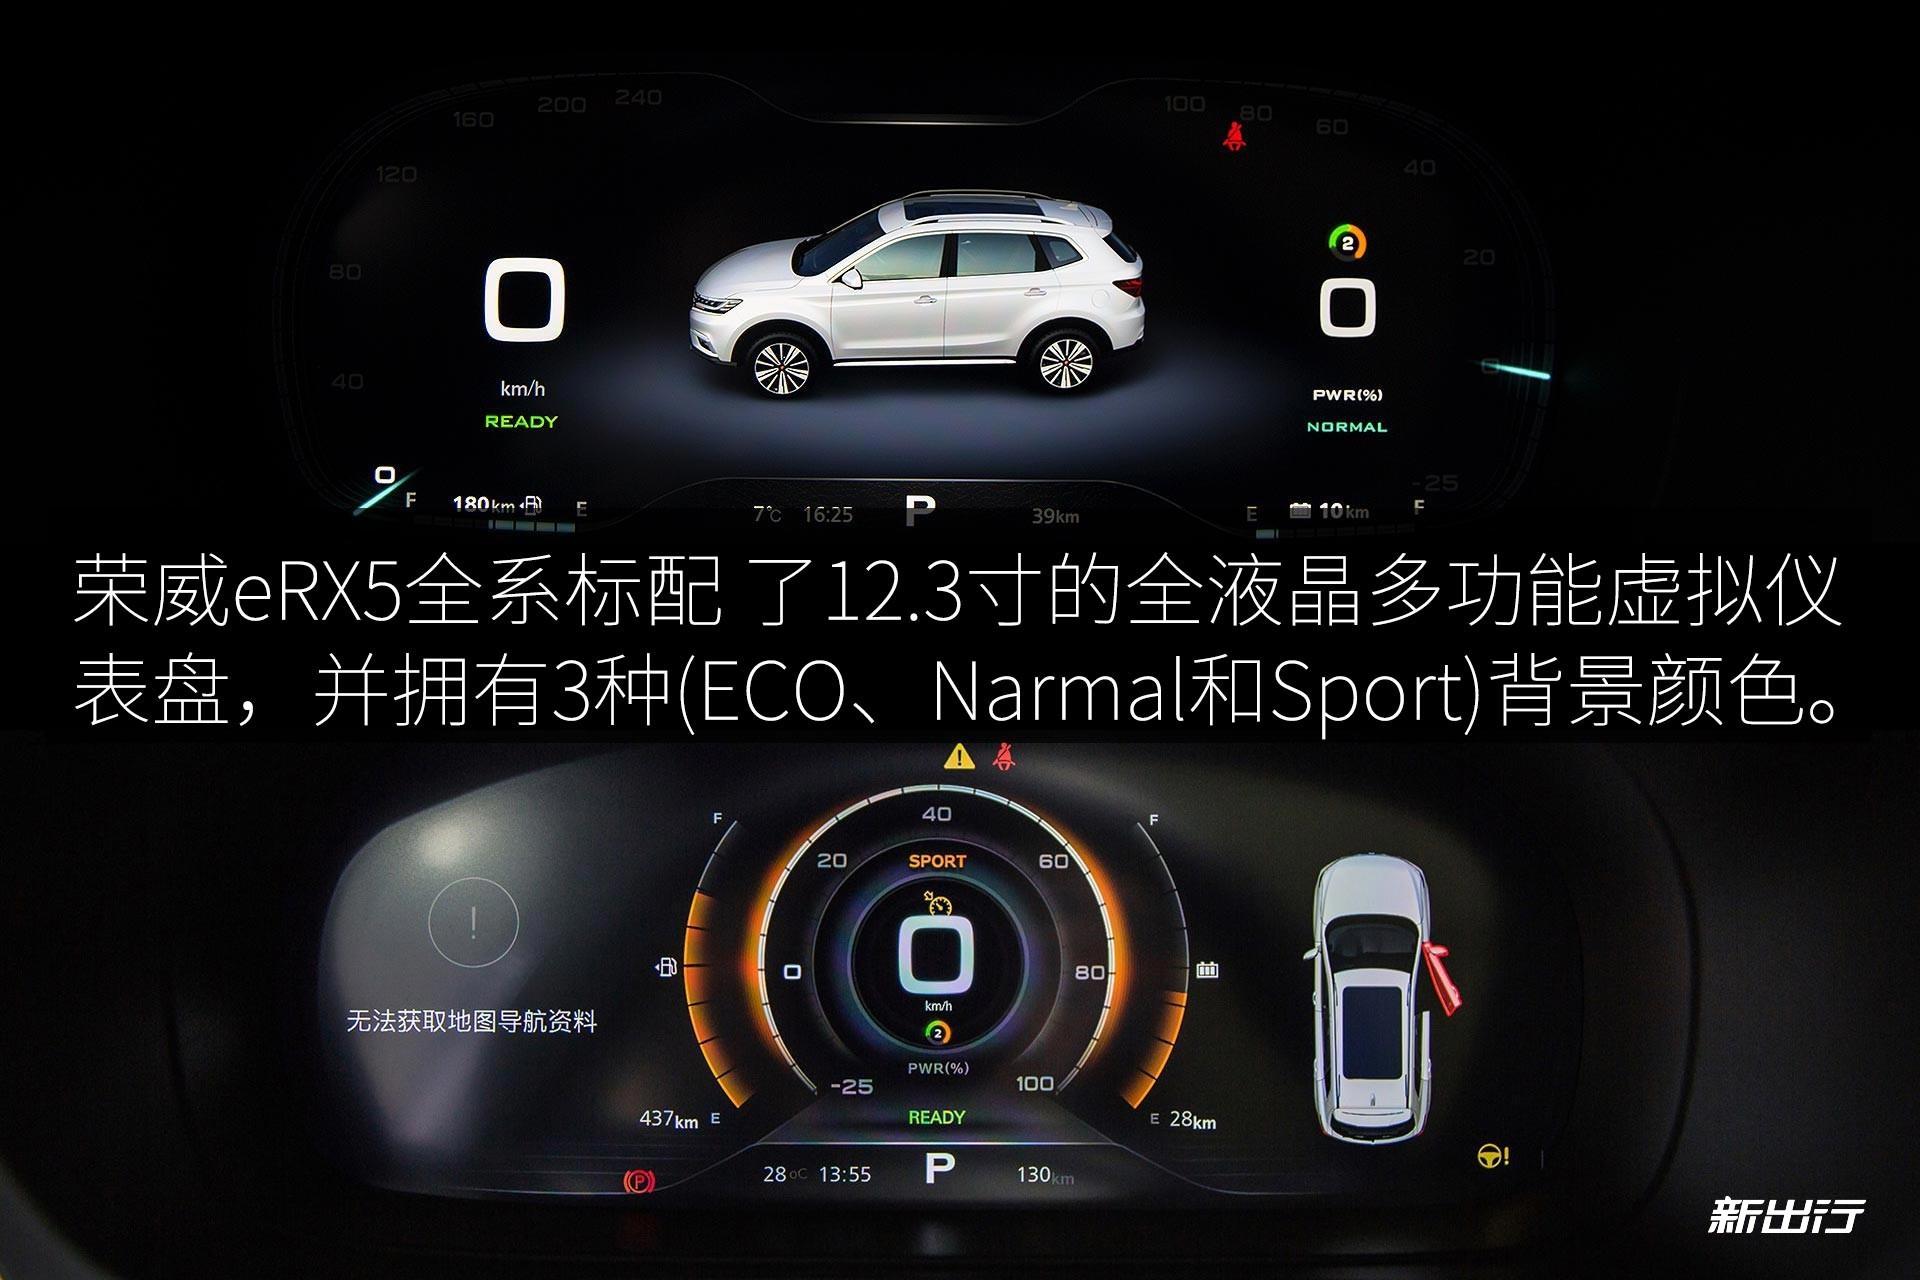 可以将地图导航集成到仪表盘上  荣威eRX5 全液晶仪表盘启动界面 三、功能强大的斑马系统 用过的都说好 斑马系统是荣威eRX5 不得不说的一个亮点,也是目前上汽旗下包括荣威、MG 品牌正大力推广应用的一套车载智能系统。它由上汽和阿里联合开发,首款搭载的车型便是荣威RX5。目前它在经过迭代,已经在前段时间推出了新的版本,在地图界面上有所优化,新出行体验的时候还是第一代的版本,不过整体的区别并不是很大。